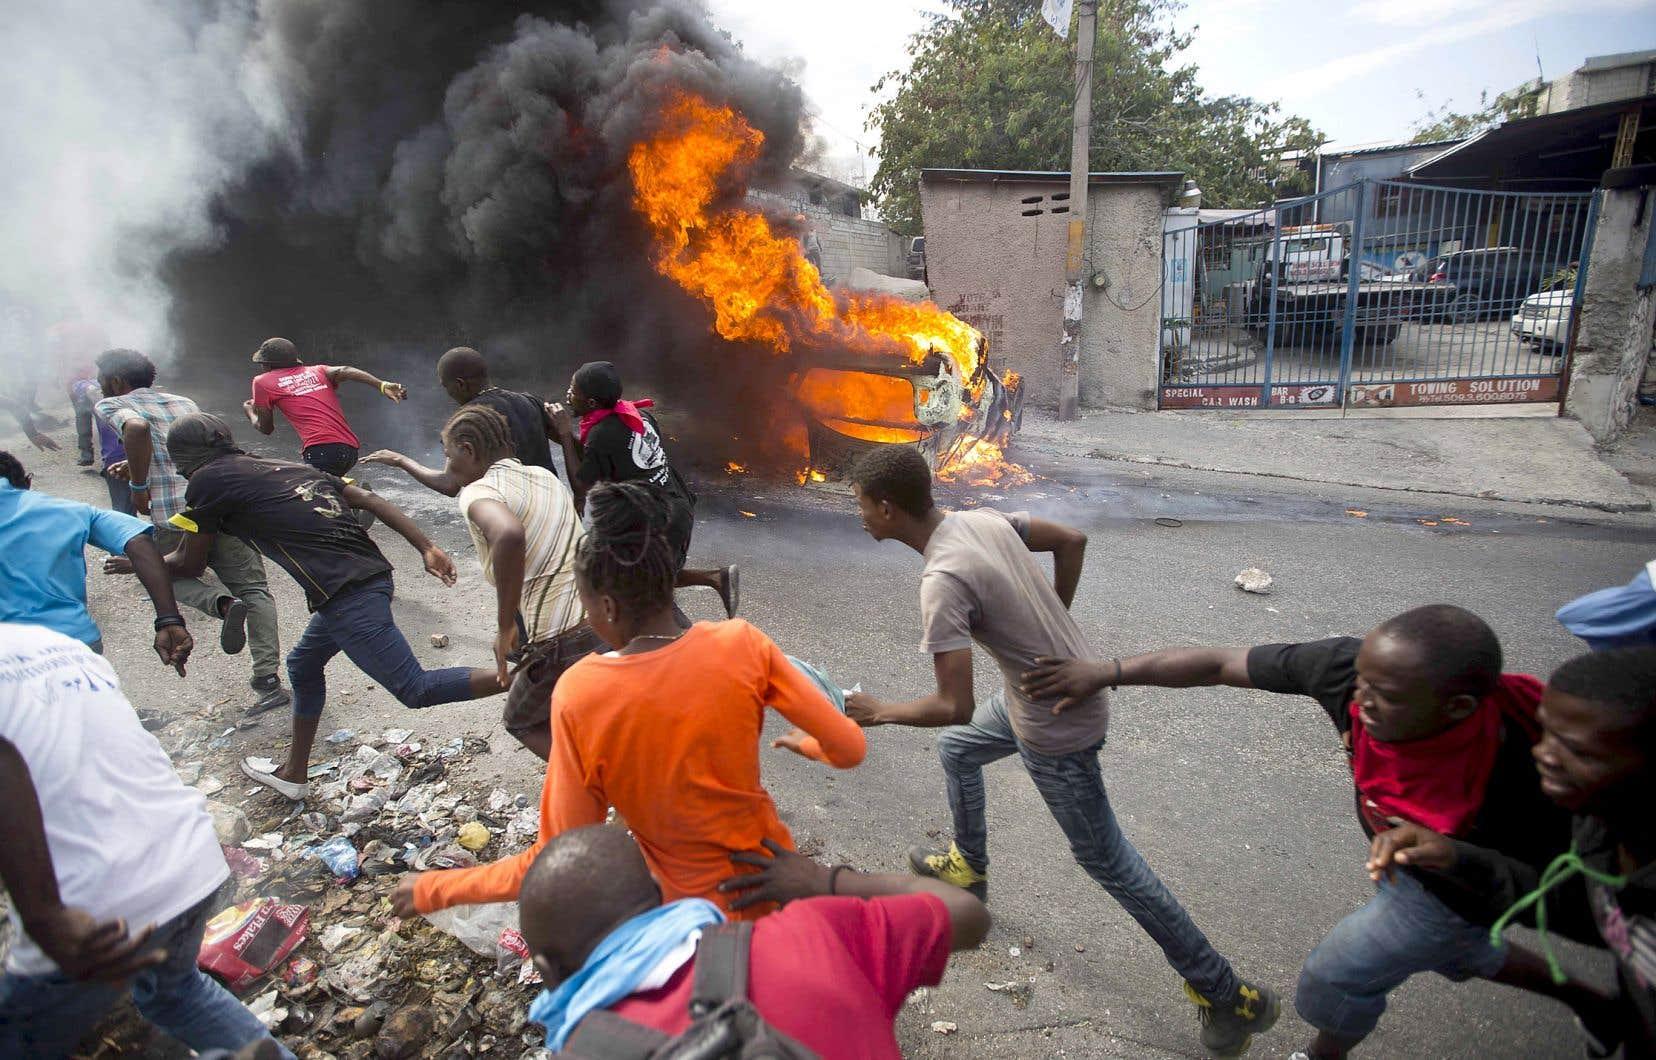 Haïti s'embrase depuis jeudi dernier, après l'appel lancé par l'opposition pour réclamer la démission du président Jovenel Moïse.<br /> <br />